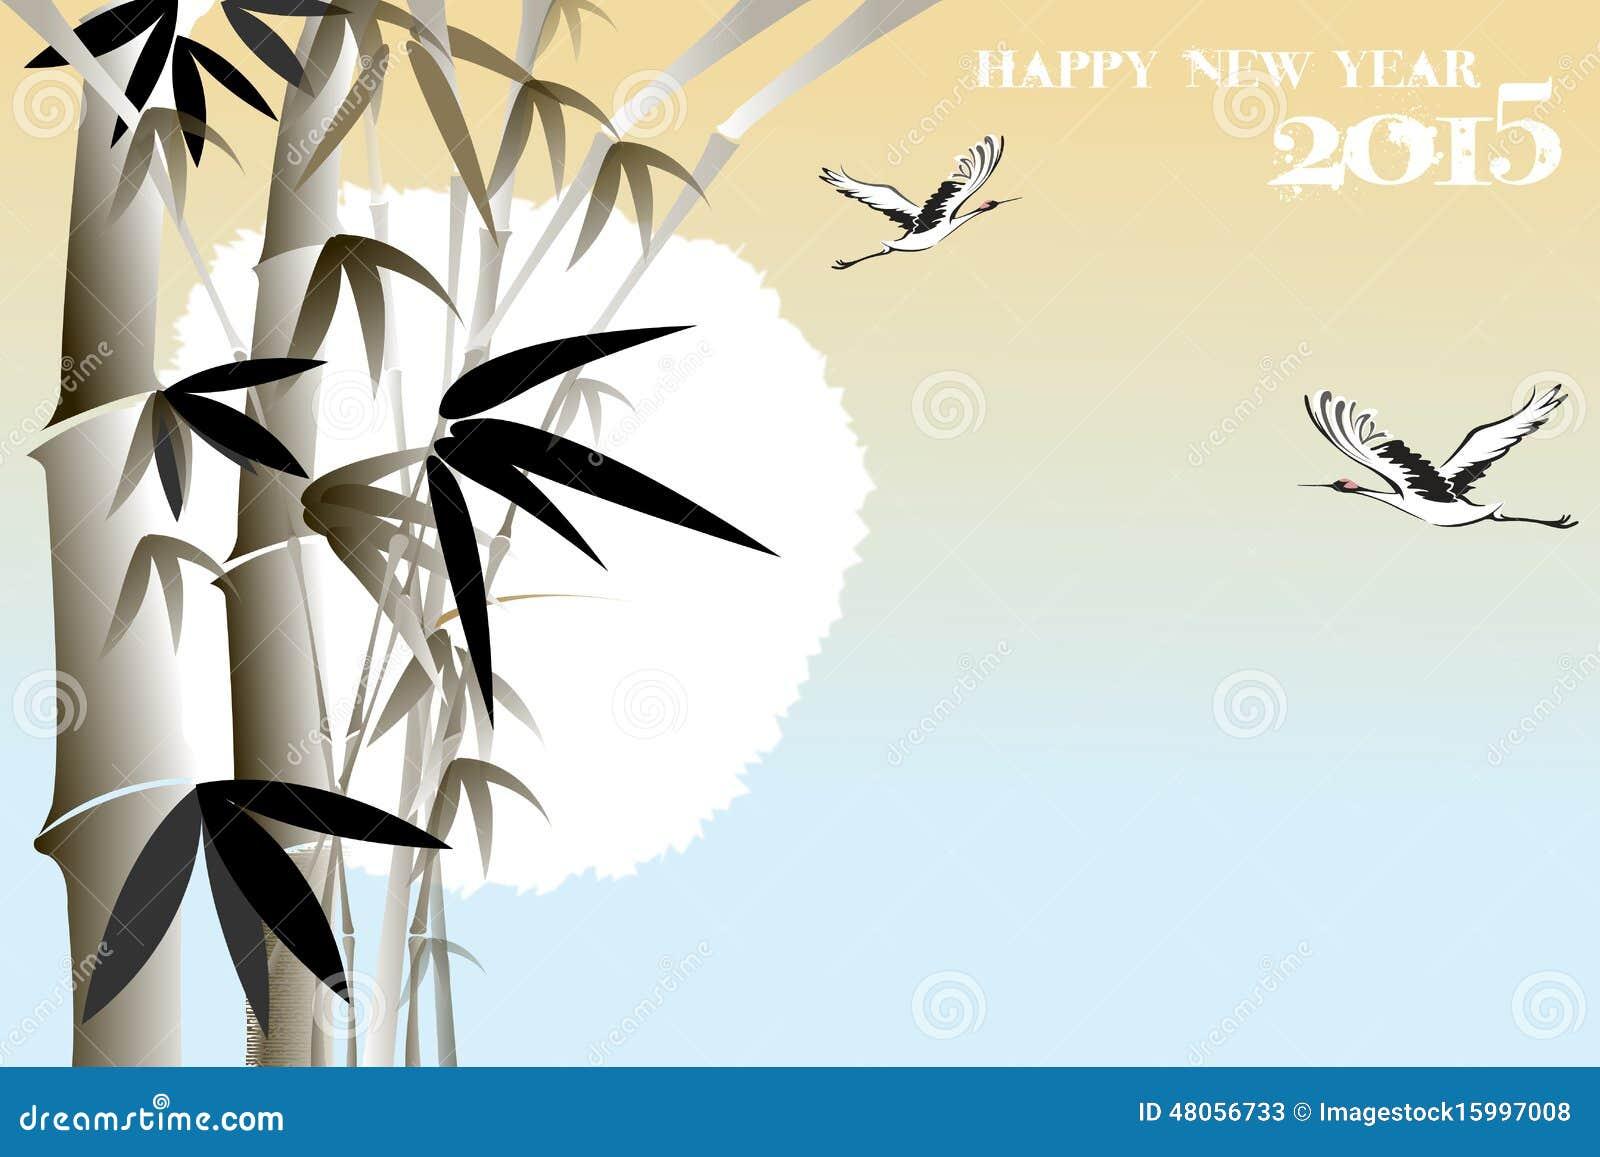 Koreanische Grußkarte Des Neuen Jahres Mit Bambus - Illustration ...